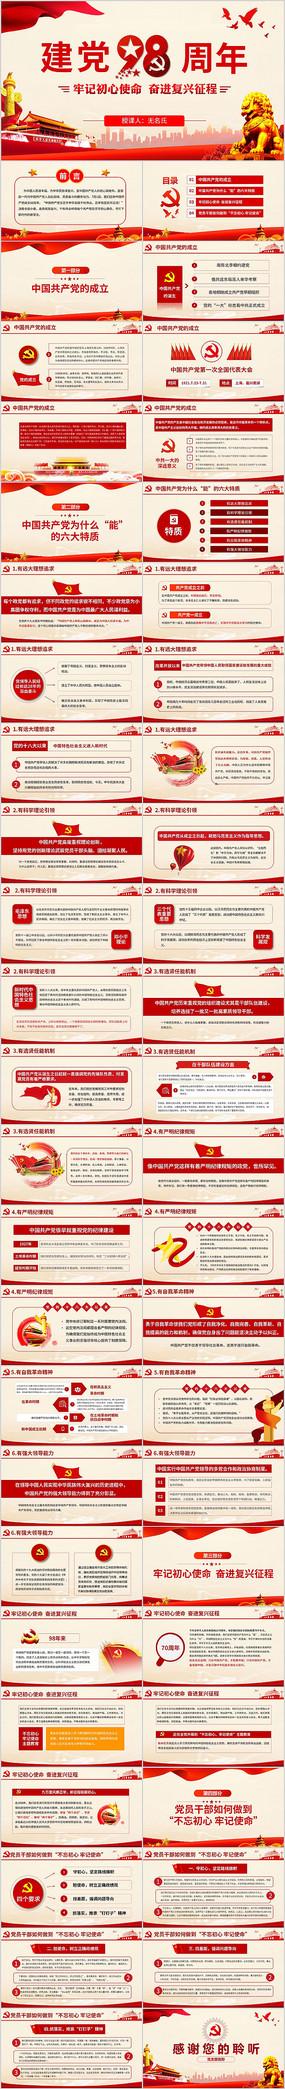 中国共产党党史光辉的历程党课学习PPT